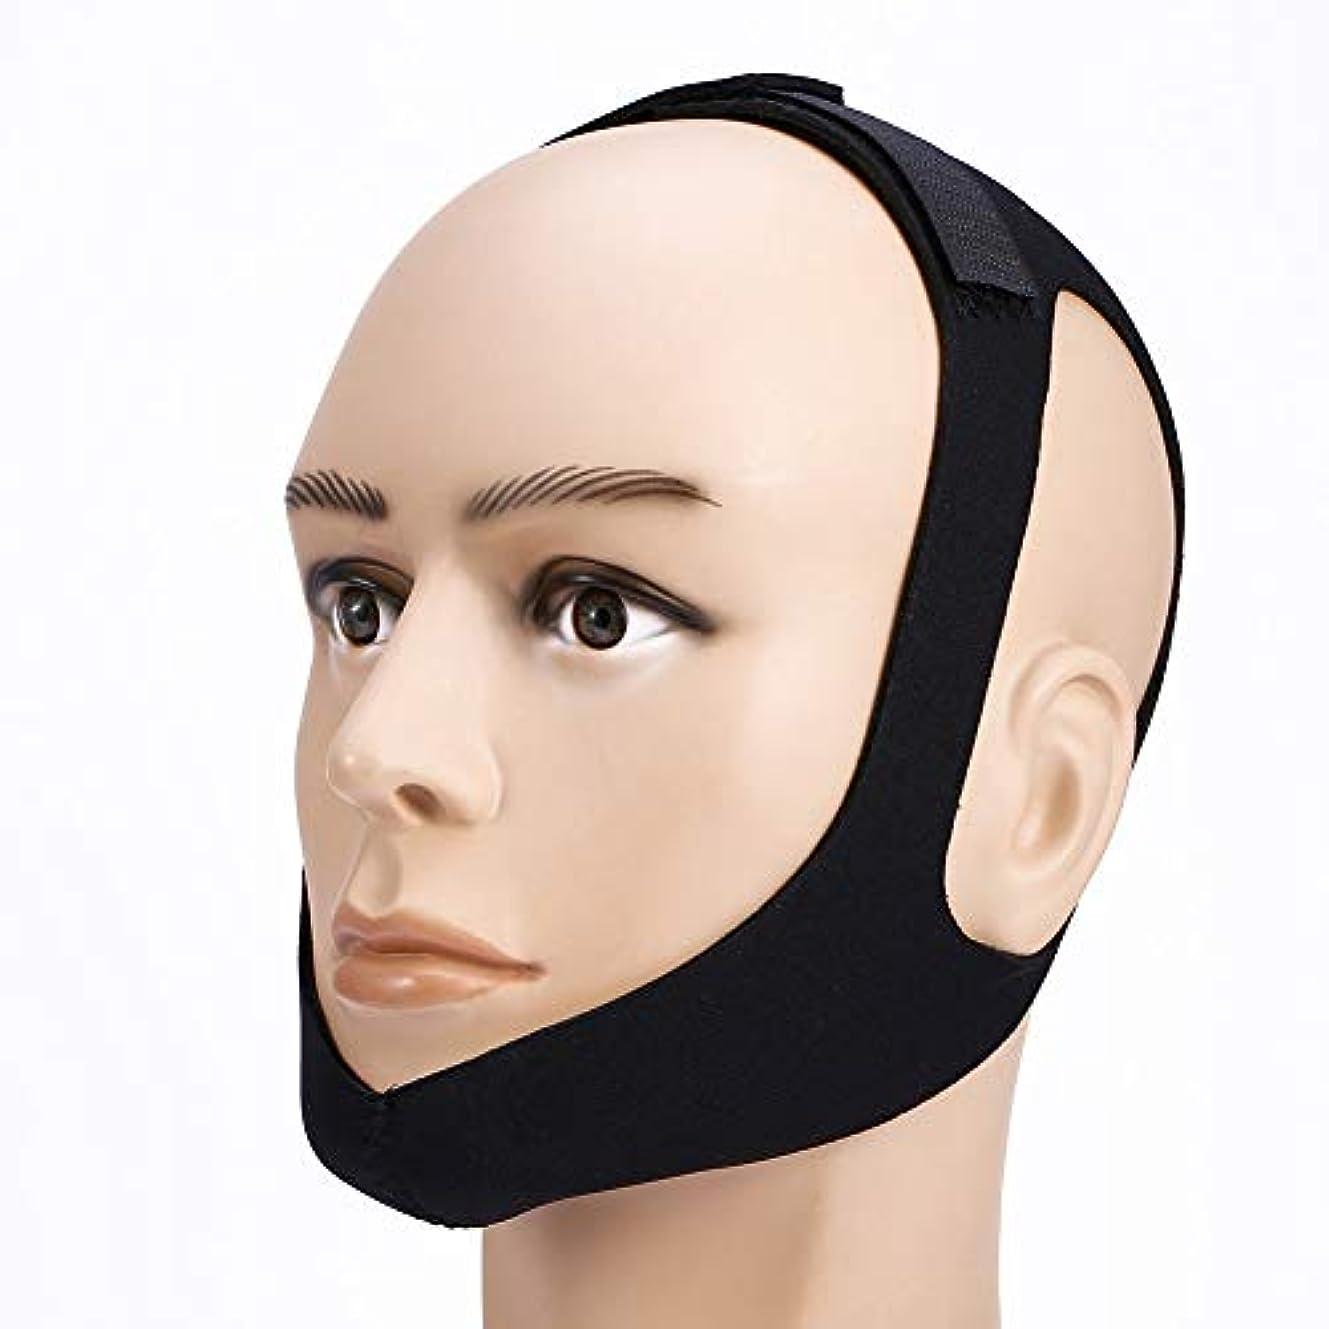 僕のコア体現する注意睡眠時無呼吸顎あごサポートストラップベルトいびき防止ヘッドバンドいびきベルト止めいびき防止マスク女性用男性寝具